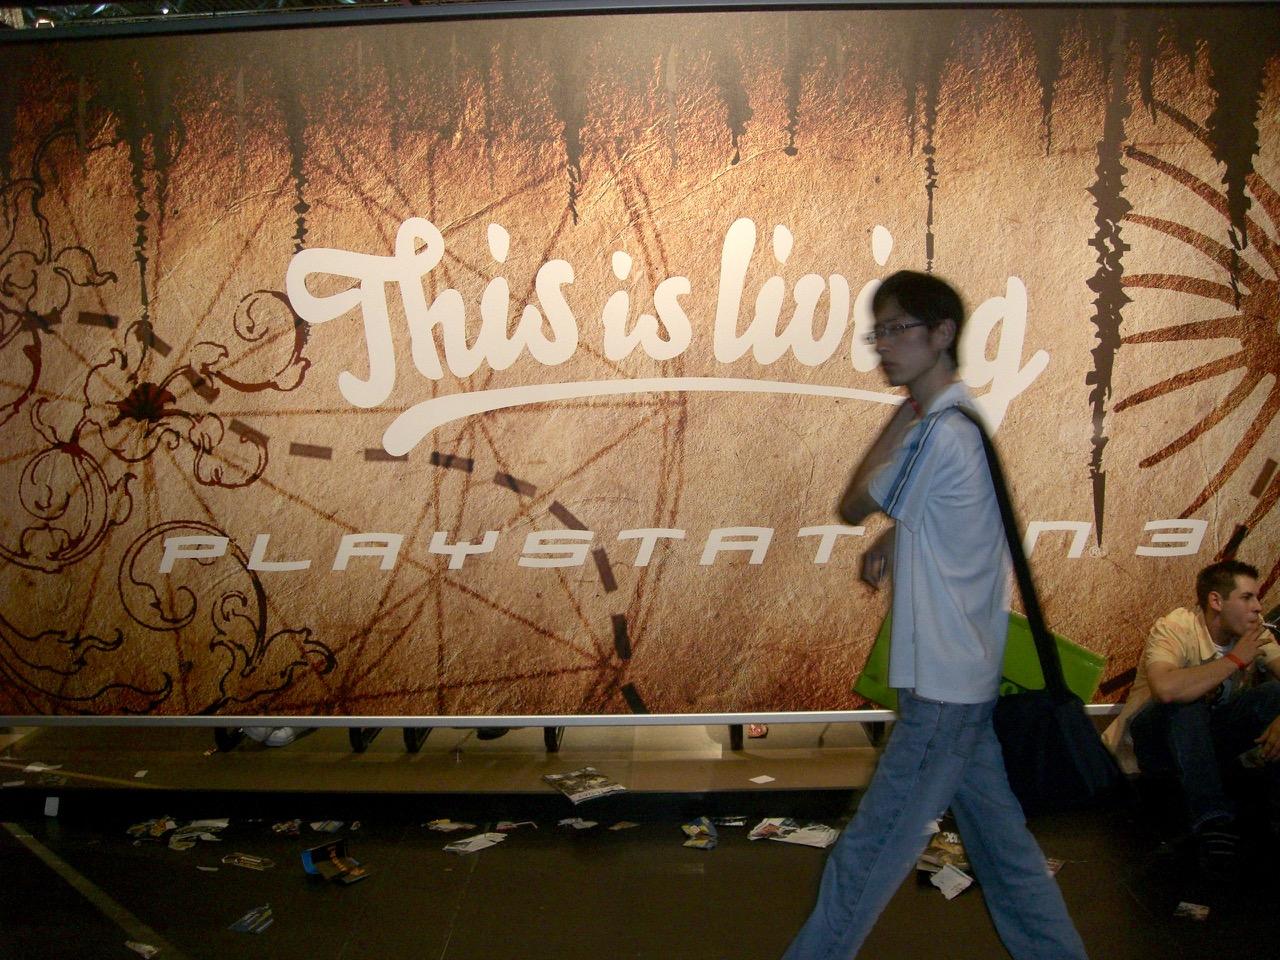 Das diesjährige Motto von Sony: This is living. (Bild: André Eymann)